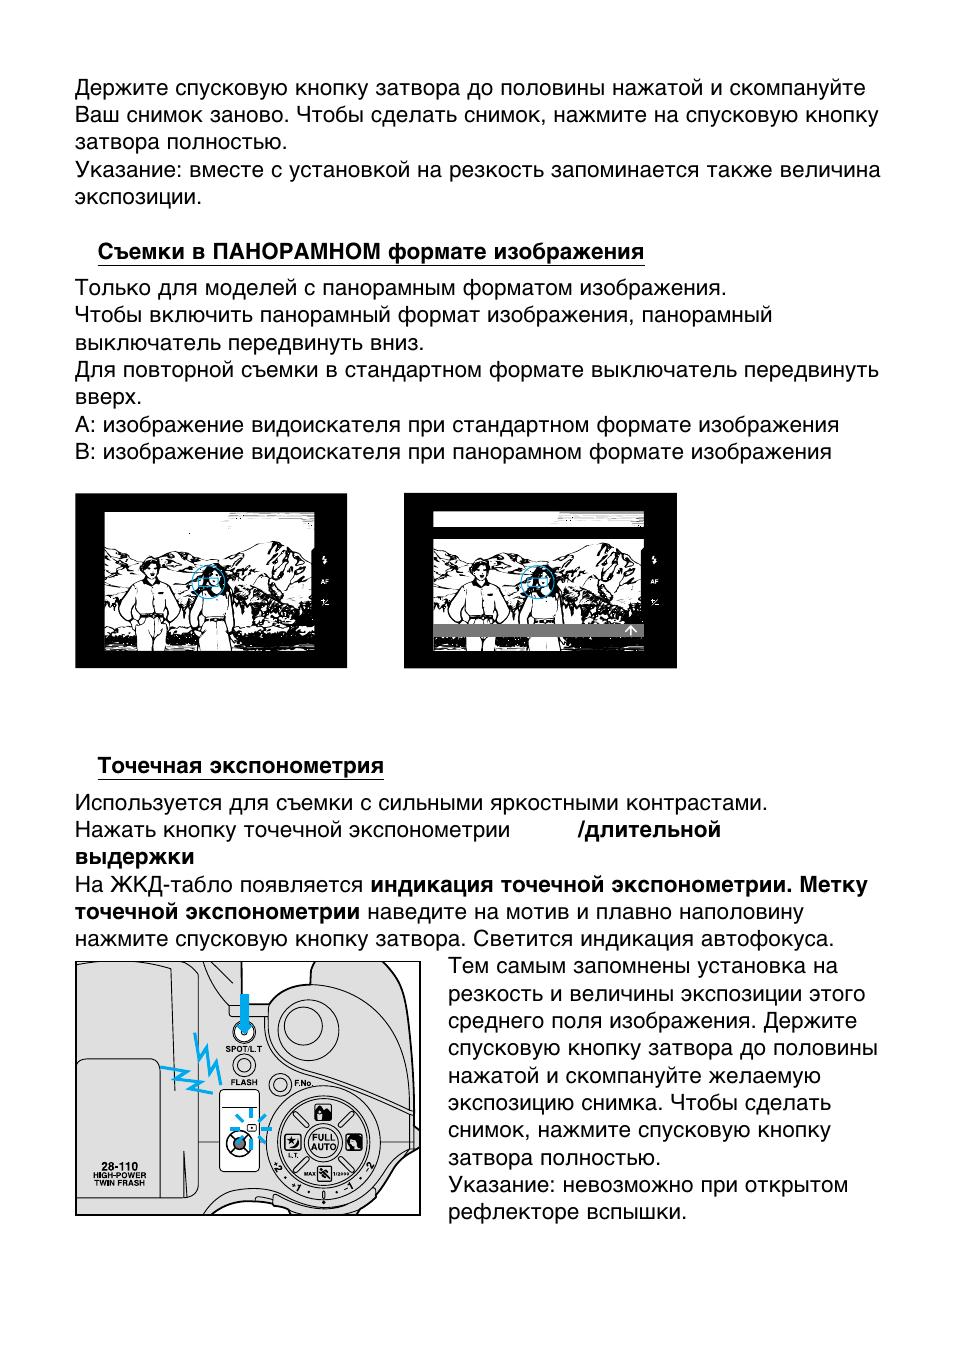 Экспонометрия в фотографии – Обзор новинок фототехники ... | 1346x955